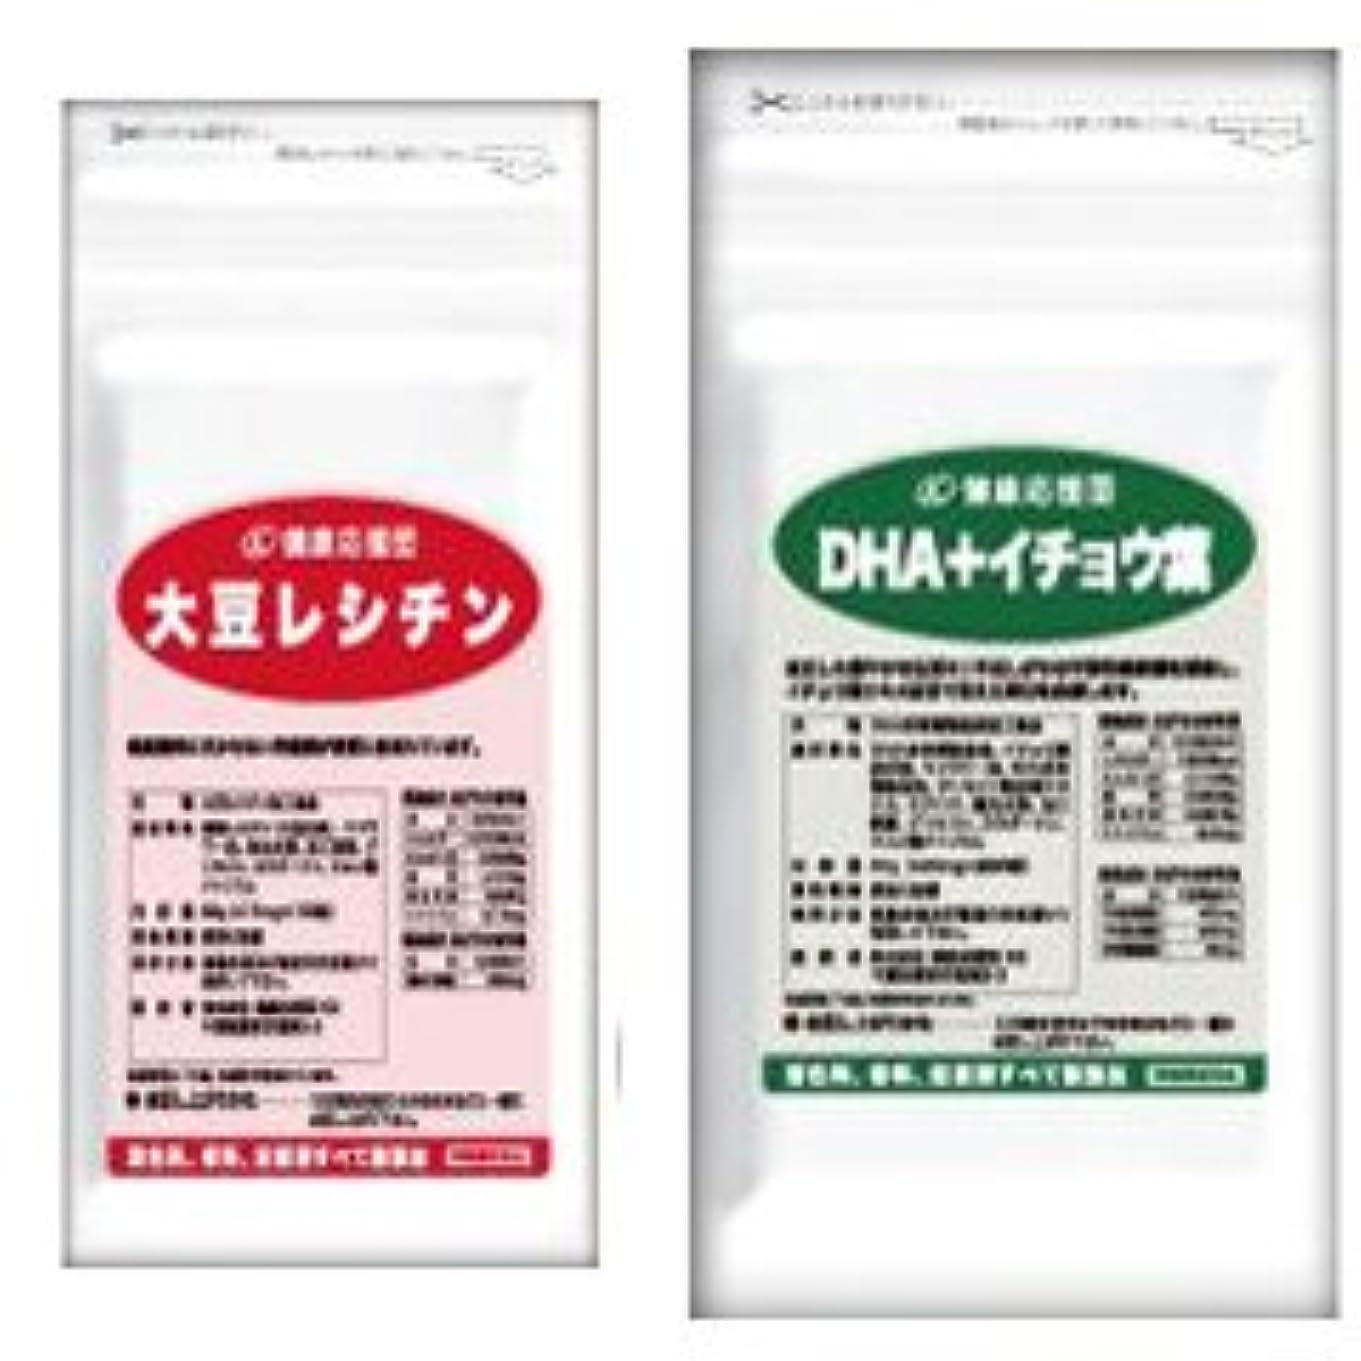 ホップ信頼直径流れサラサラセット 大豆レシチン+(DHA?EPA+イチョウ葉) お徳用12か月分